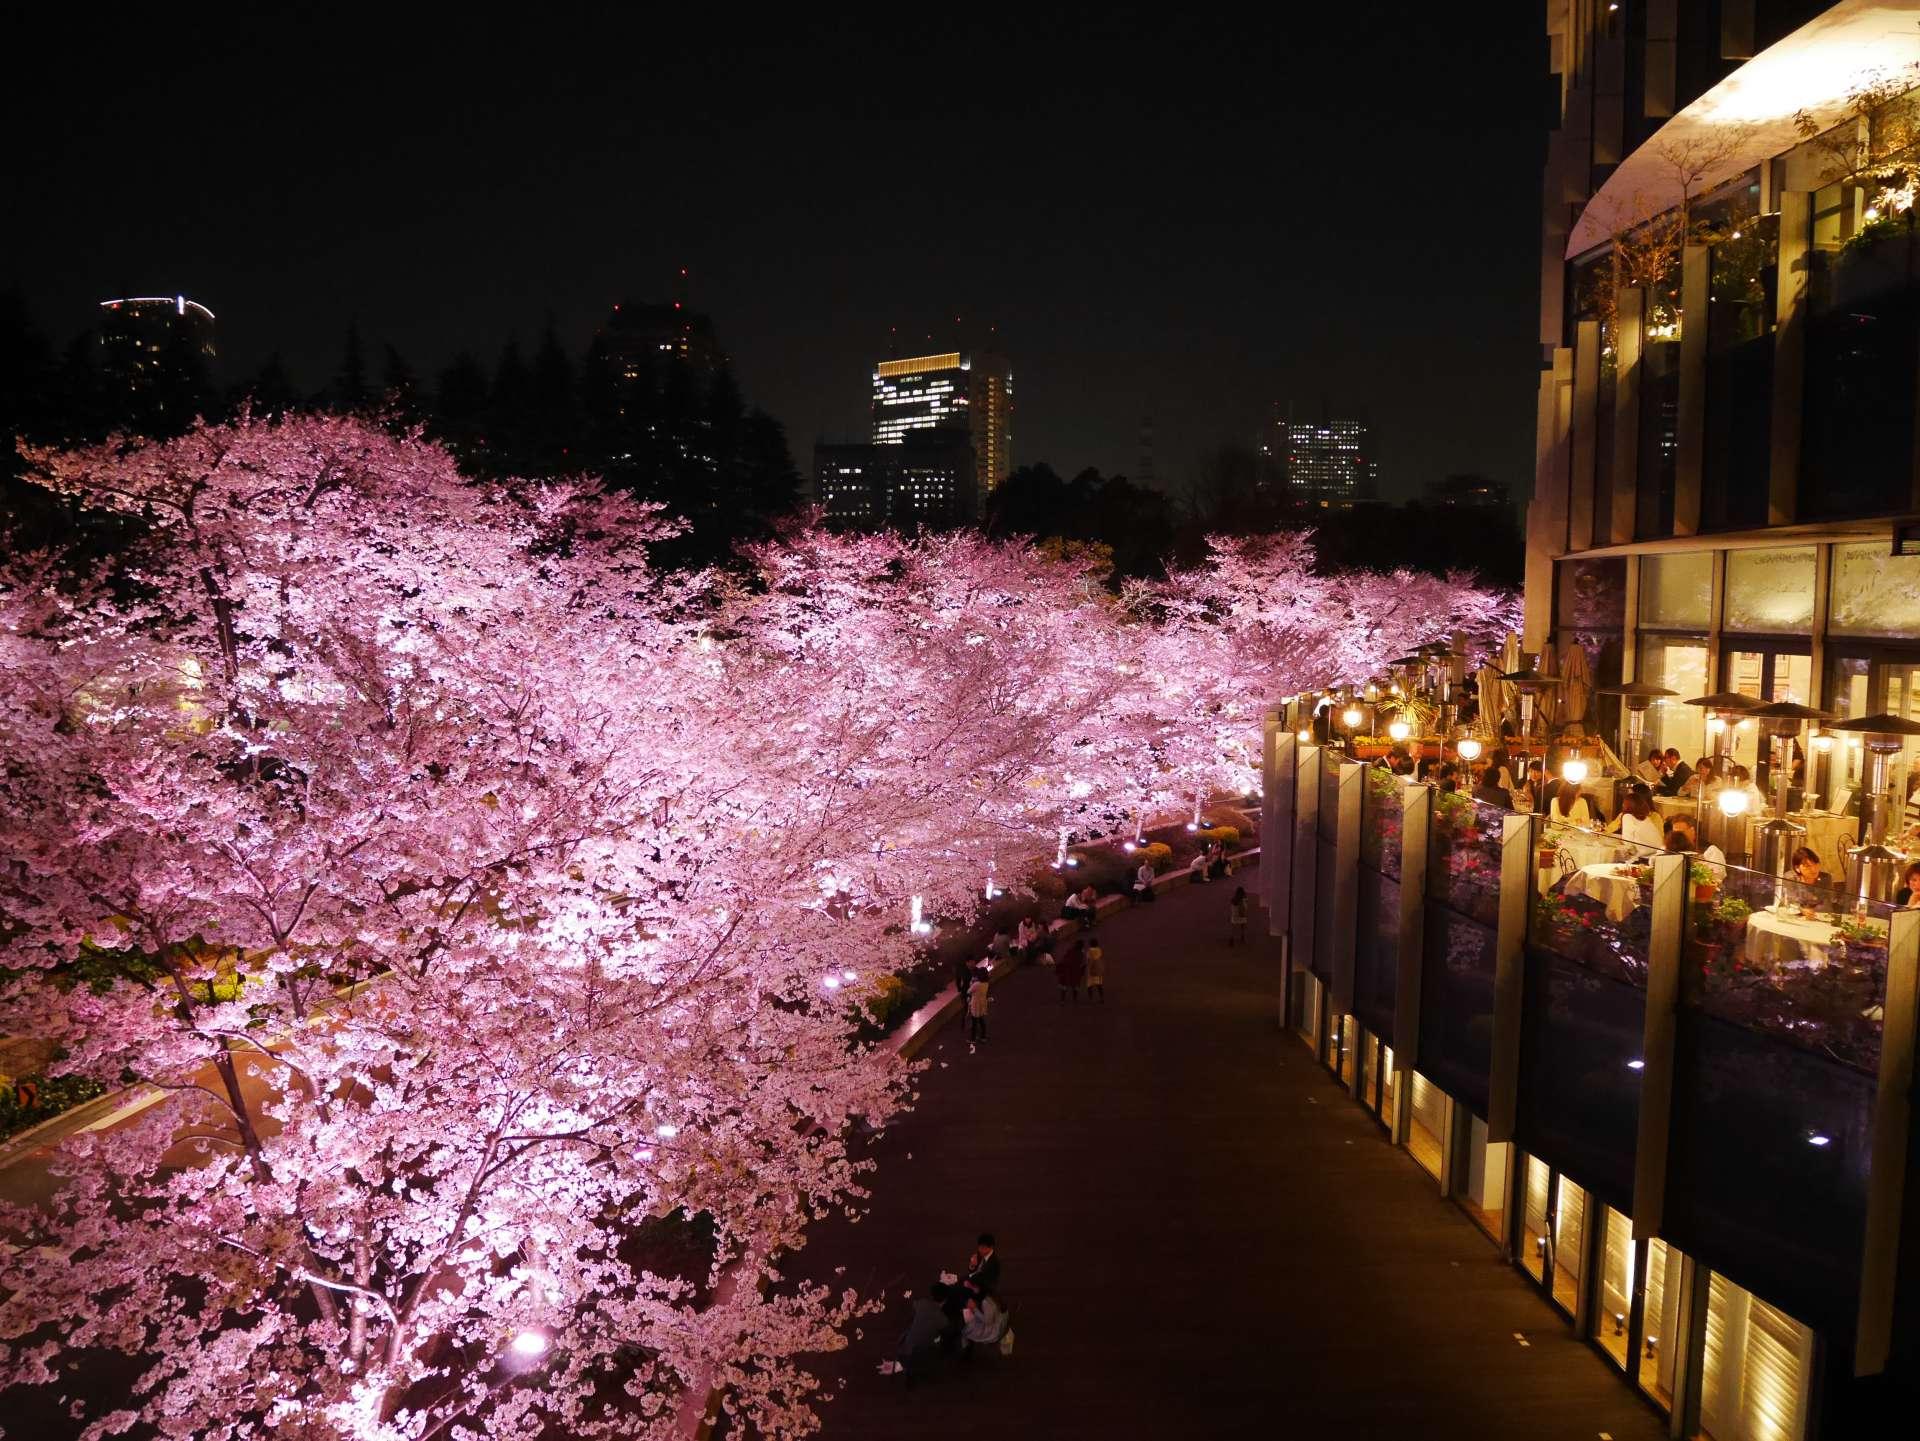 右側開放式陽台的客人能優雅的賞花